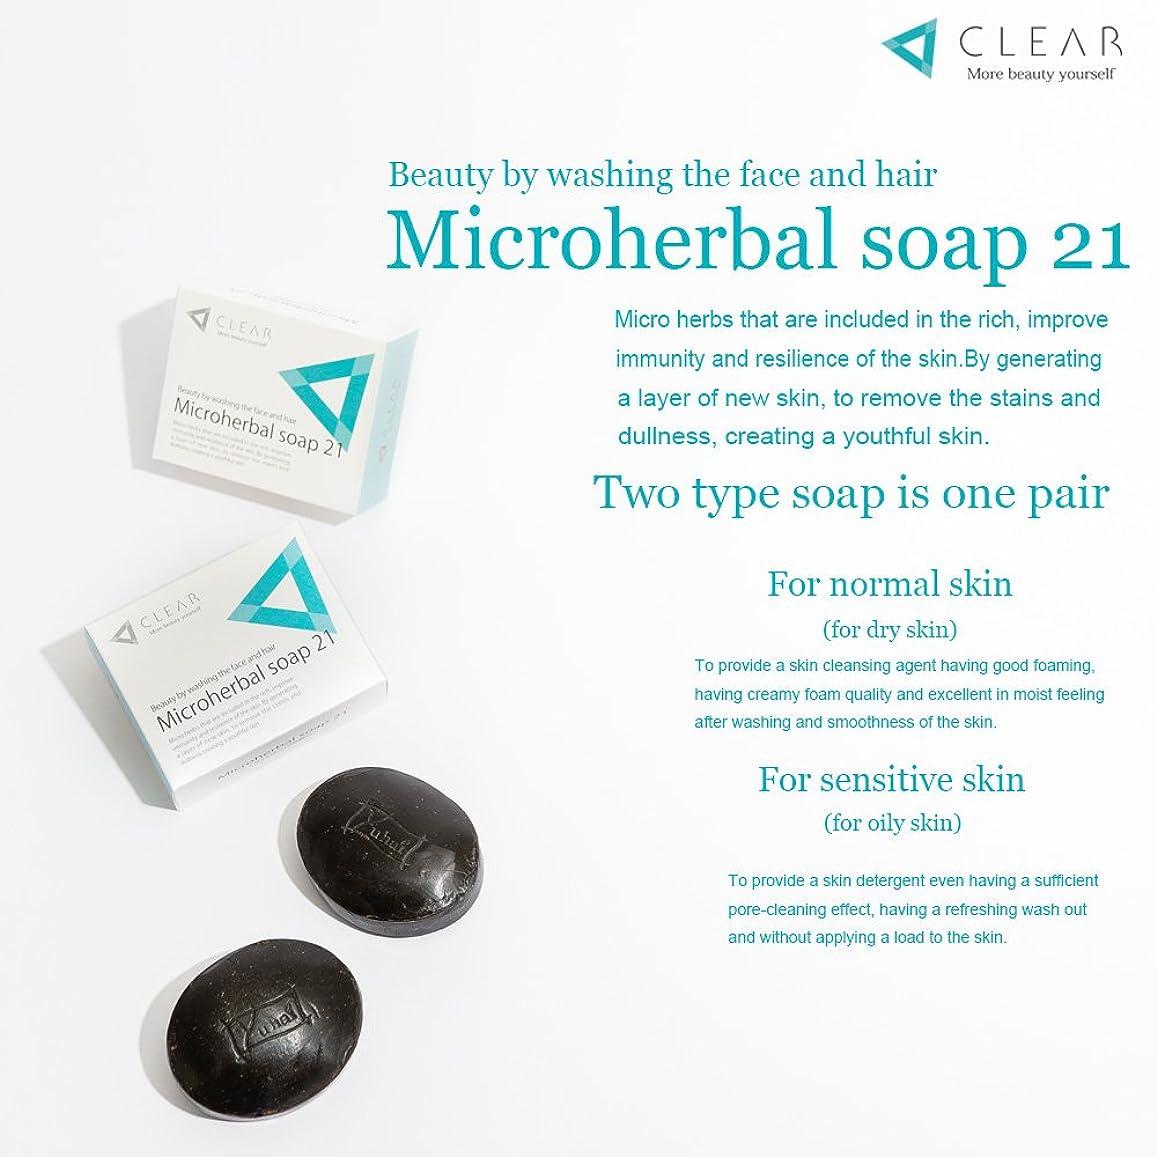 マンモス限界噴水マイクロハーブ石鹸21?普通肌1個?敏感肌1個 合計2個(普通肌???美肌?しっとり肌のために/敏感肌???やさしくすっきり肌へ)